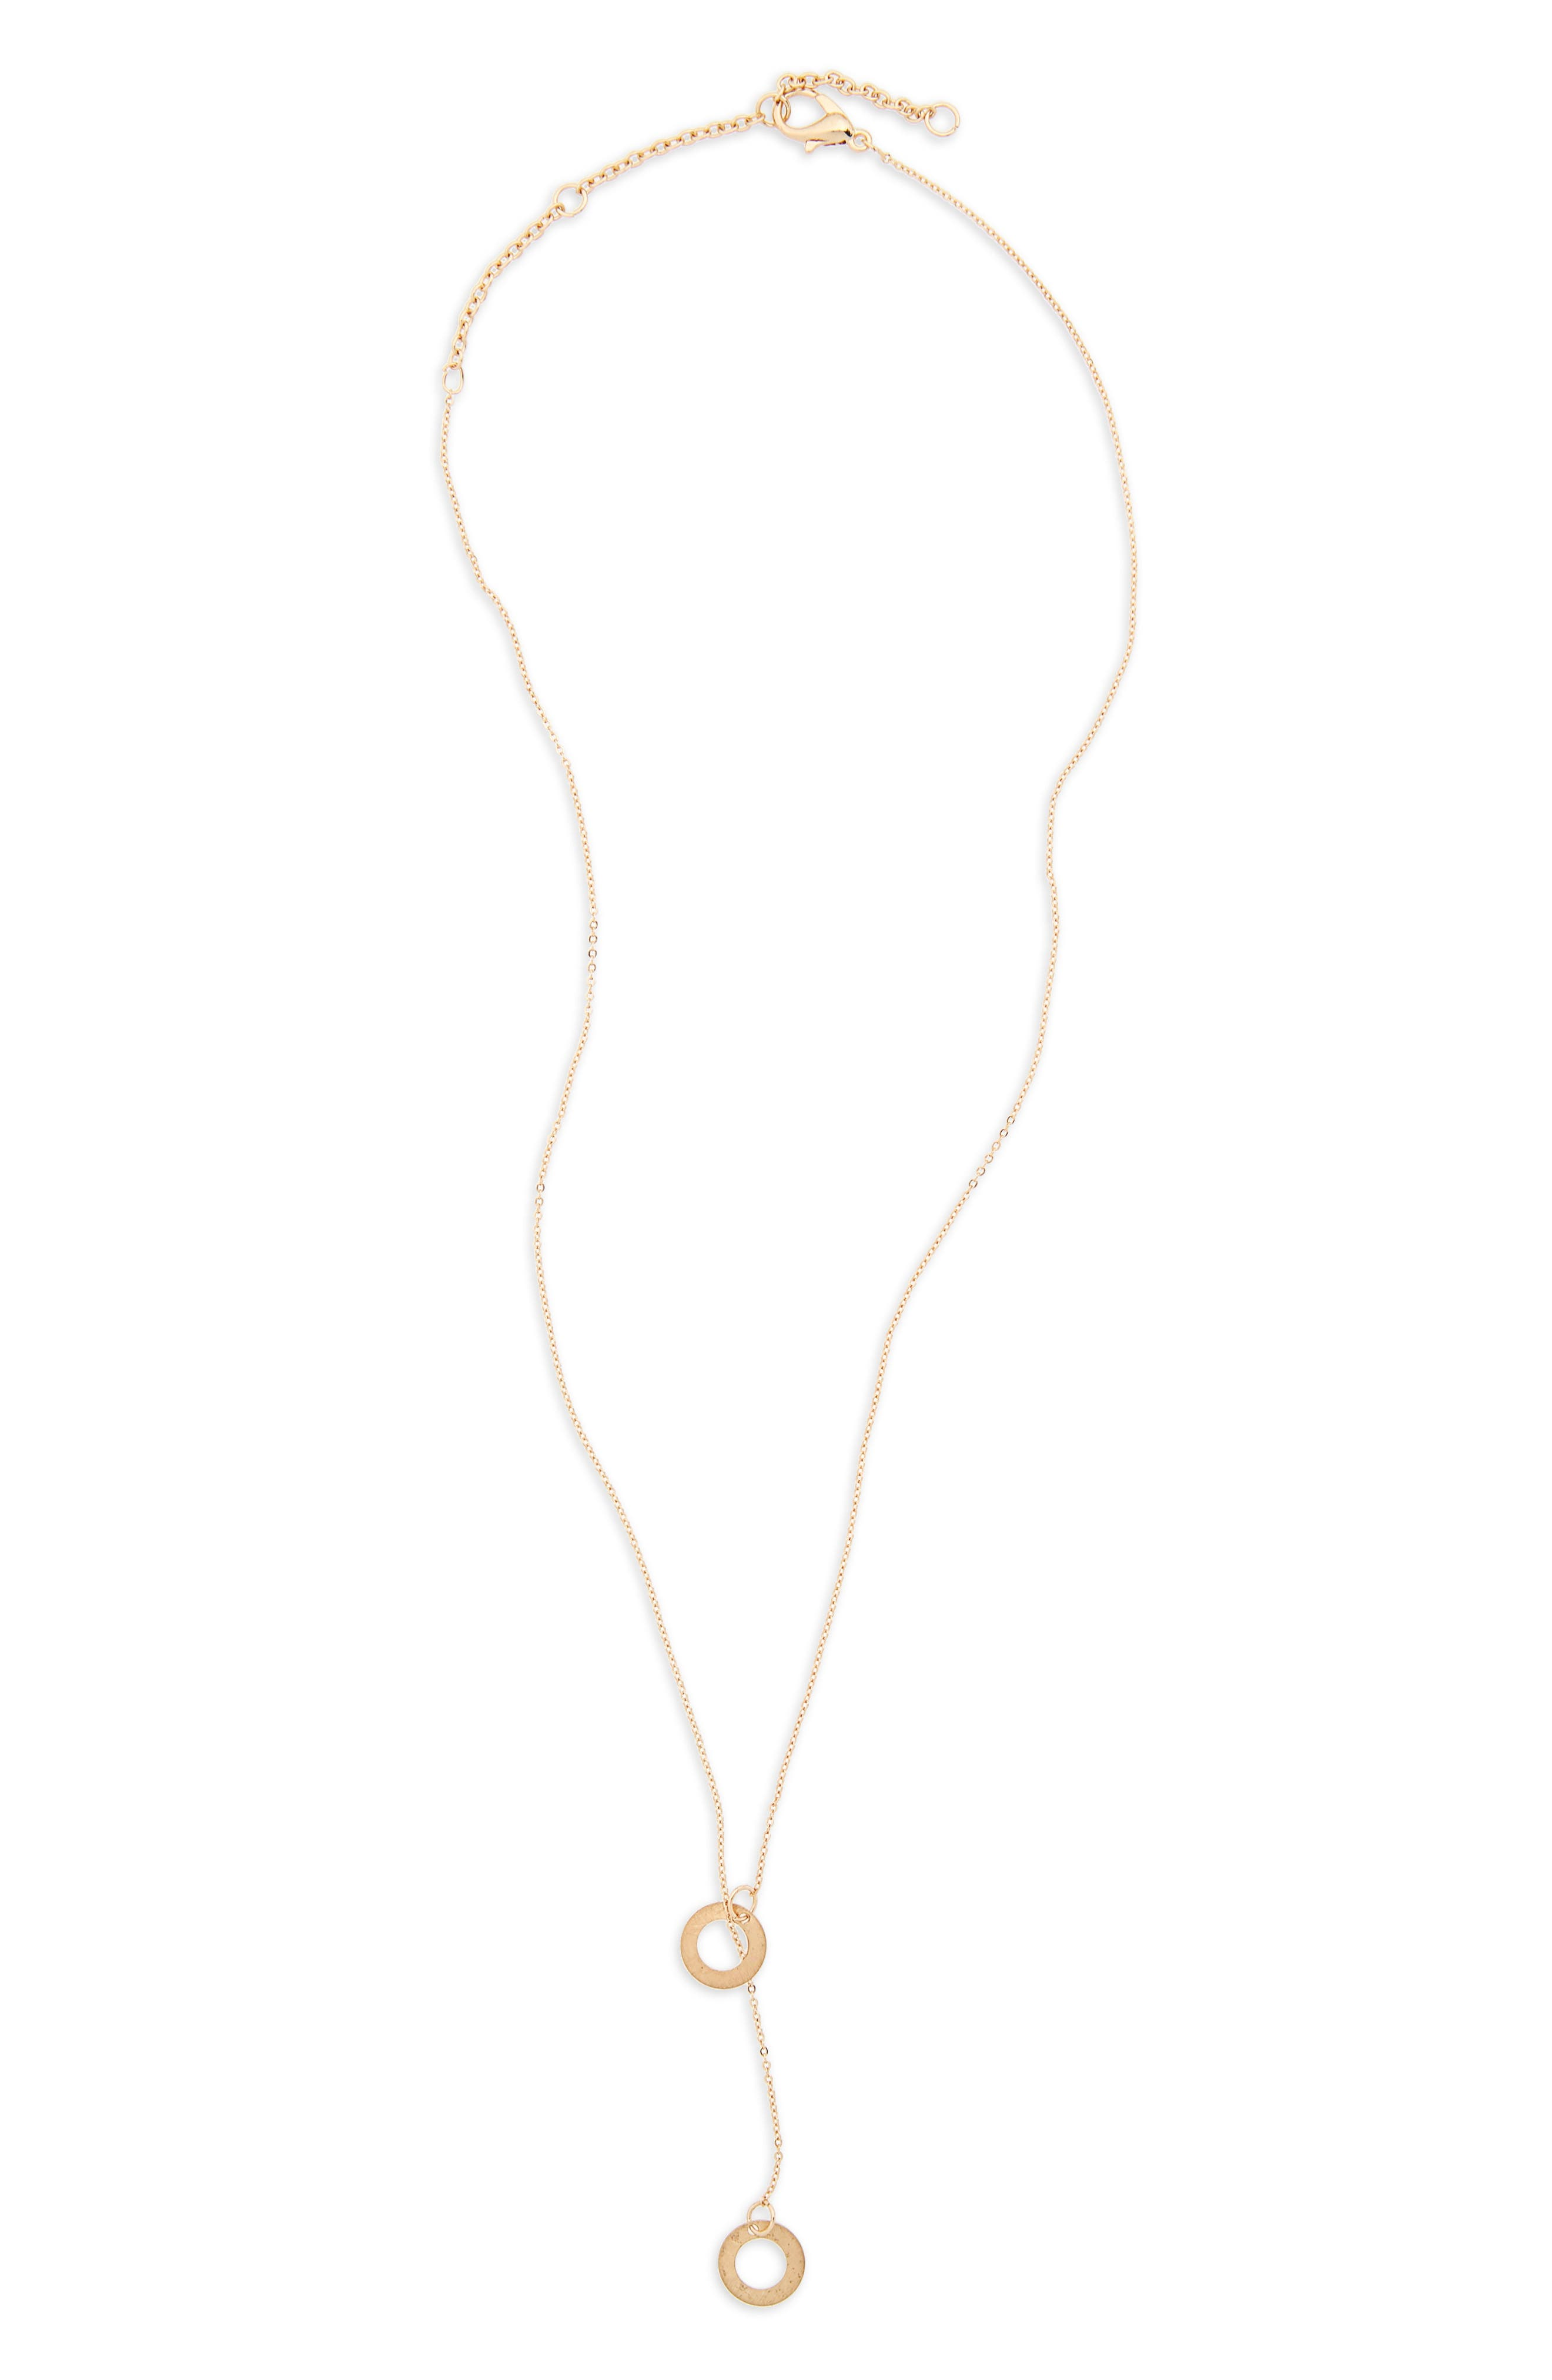 Disc Lariat Necklace,                             Main thumbnail 1, color,                             710